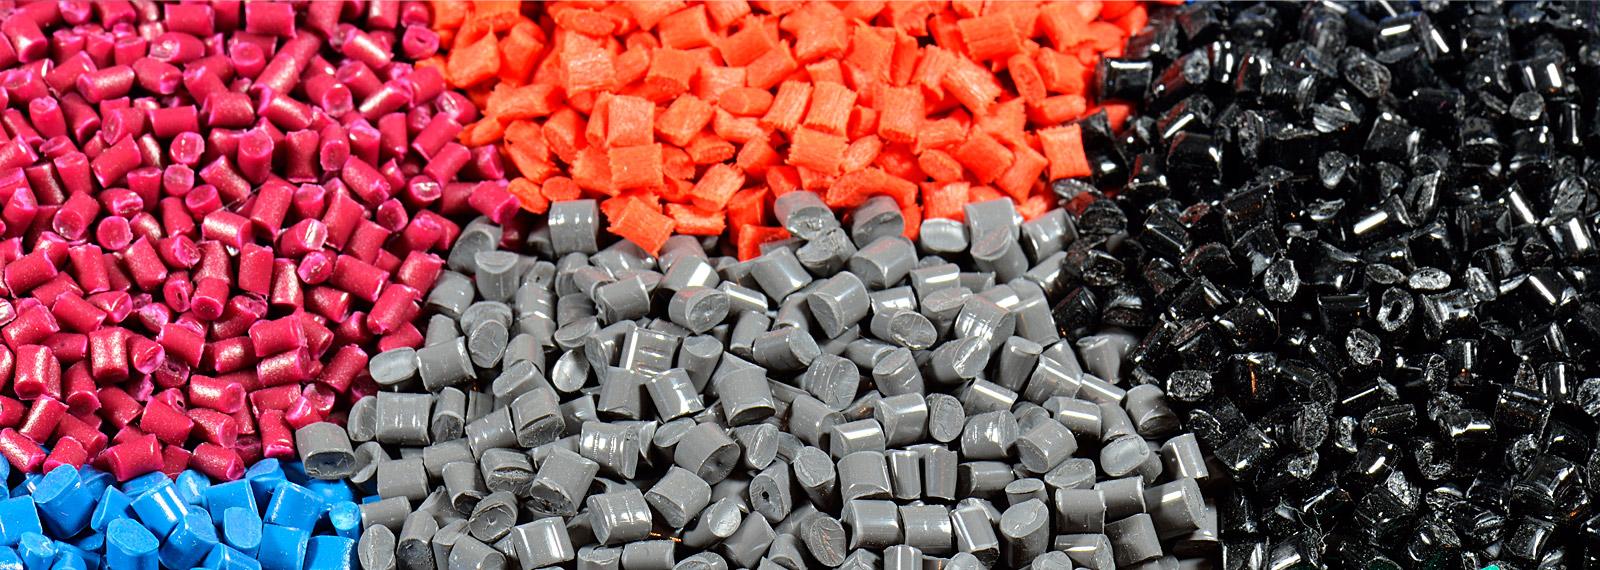 Najwyższej jakości granulat HDPE, LDPE